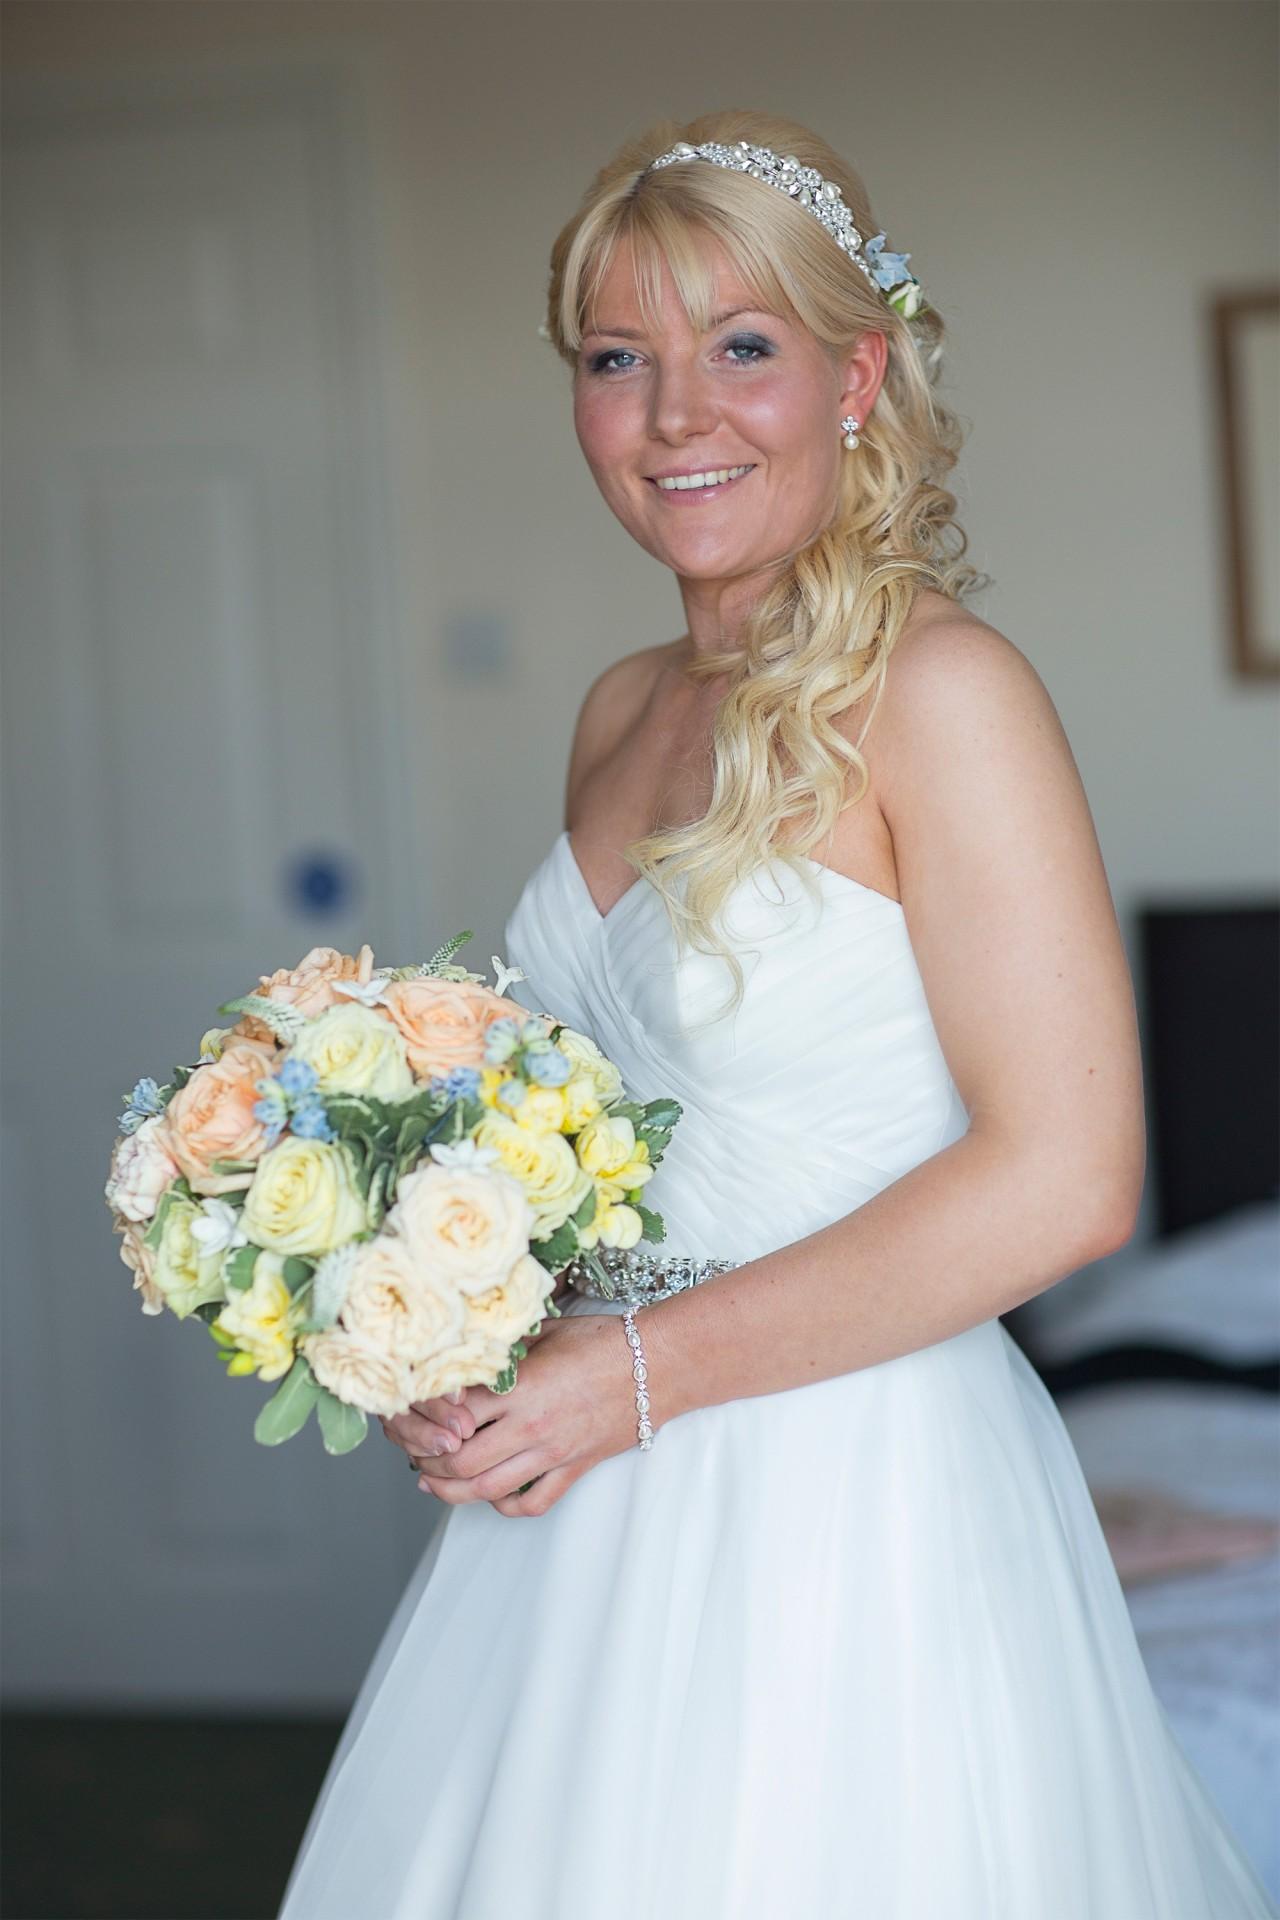 Natalie_Aimee_Country-Garden-Wedding_SBS_002